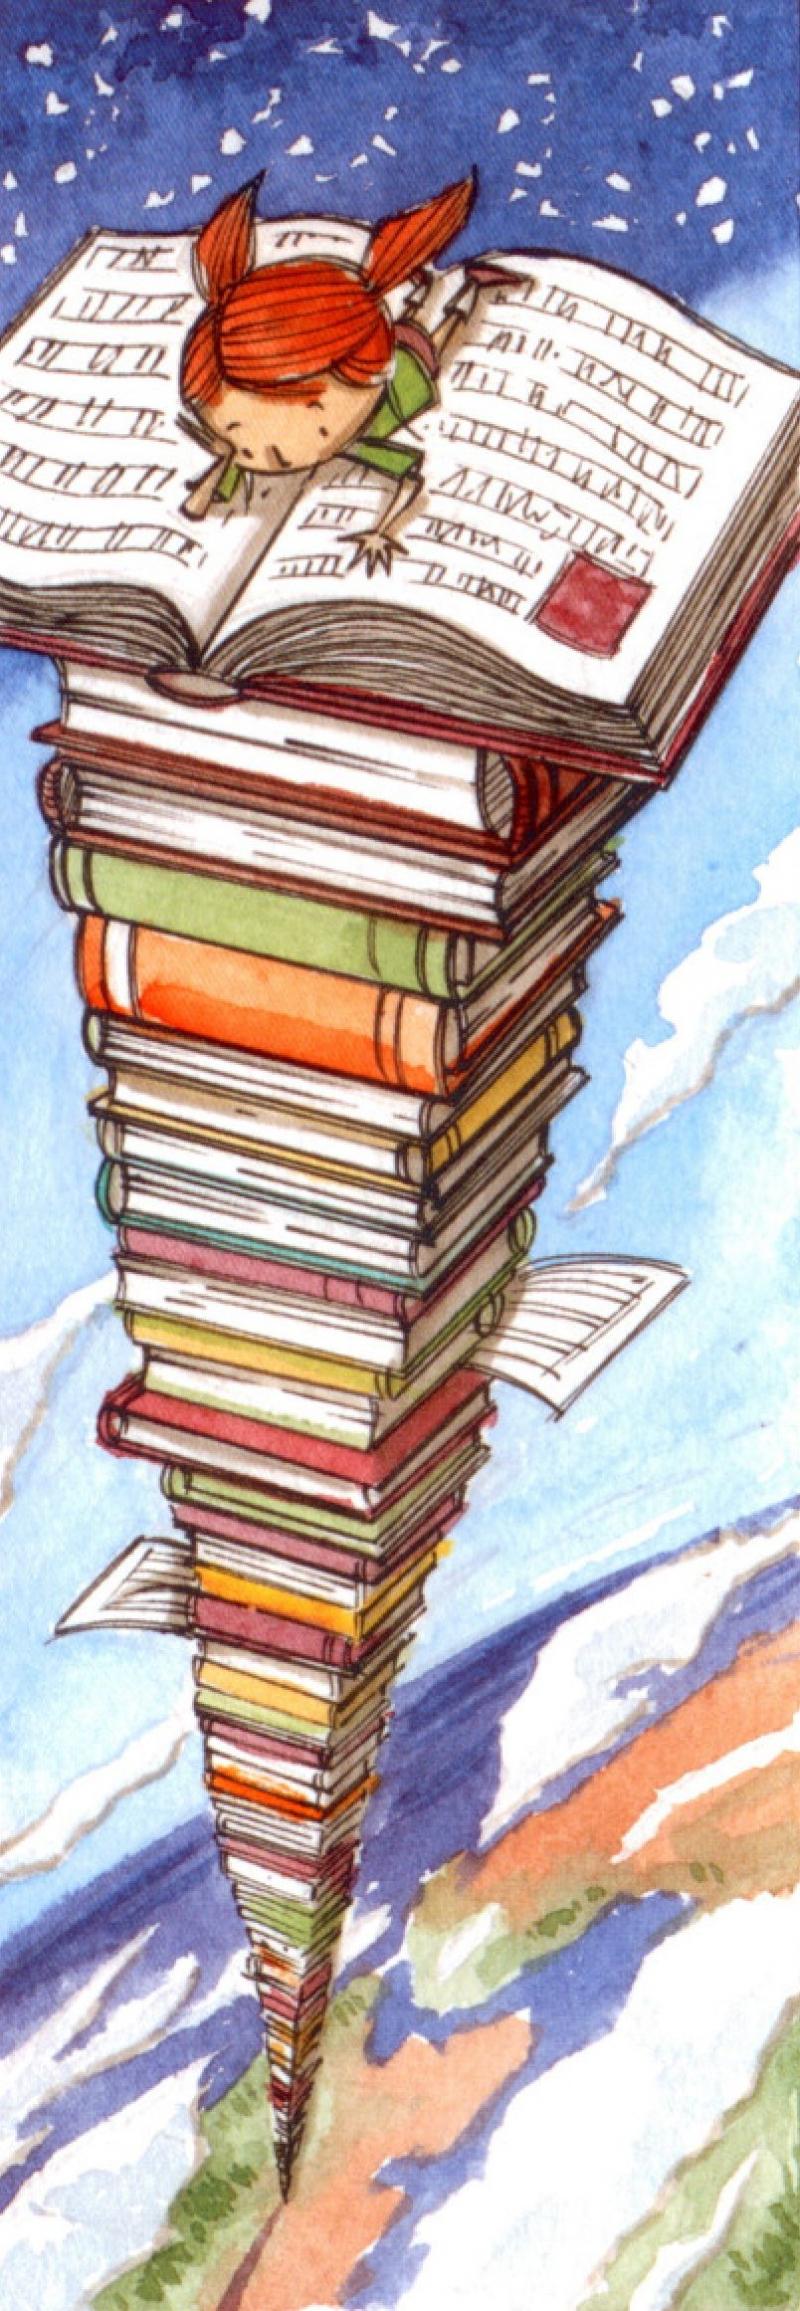 Punt de llibre guanyador del IV Concurs de Narrativa, Poesia i Punts de Llibre. Obra de Daniel Seguí Florit.